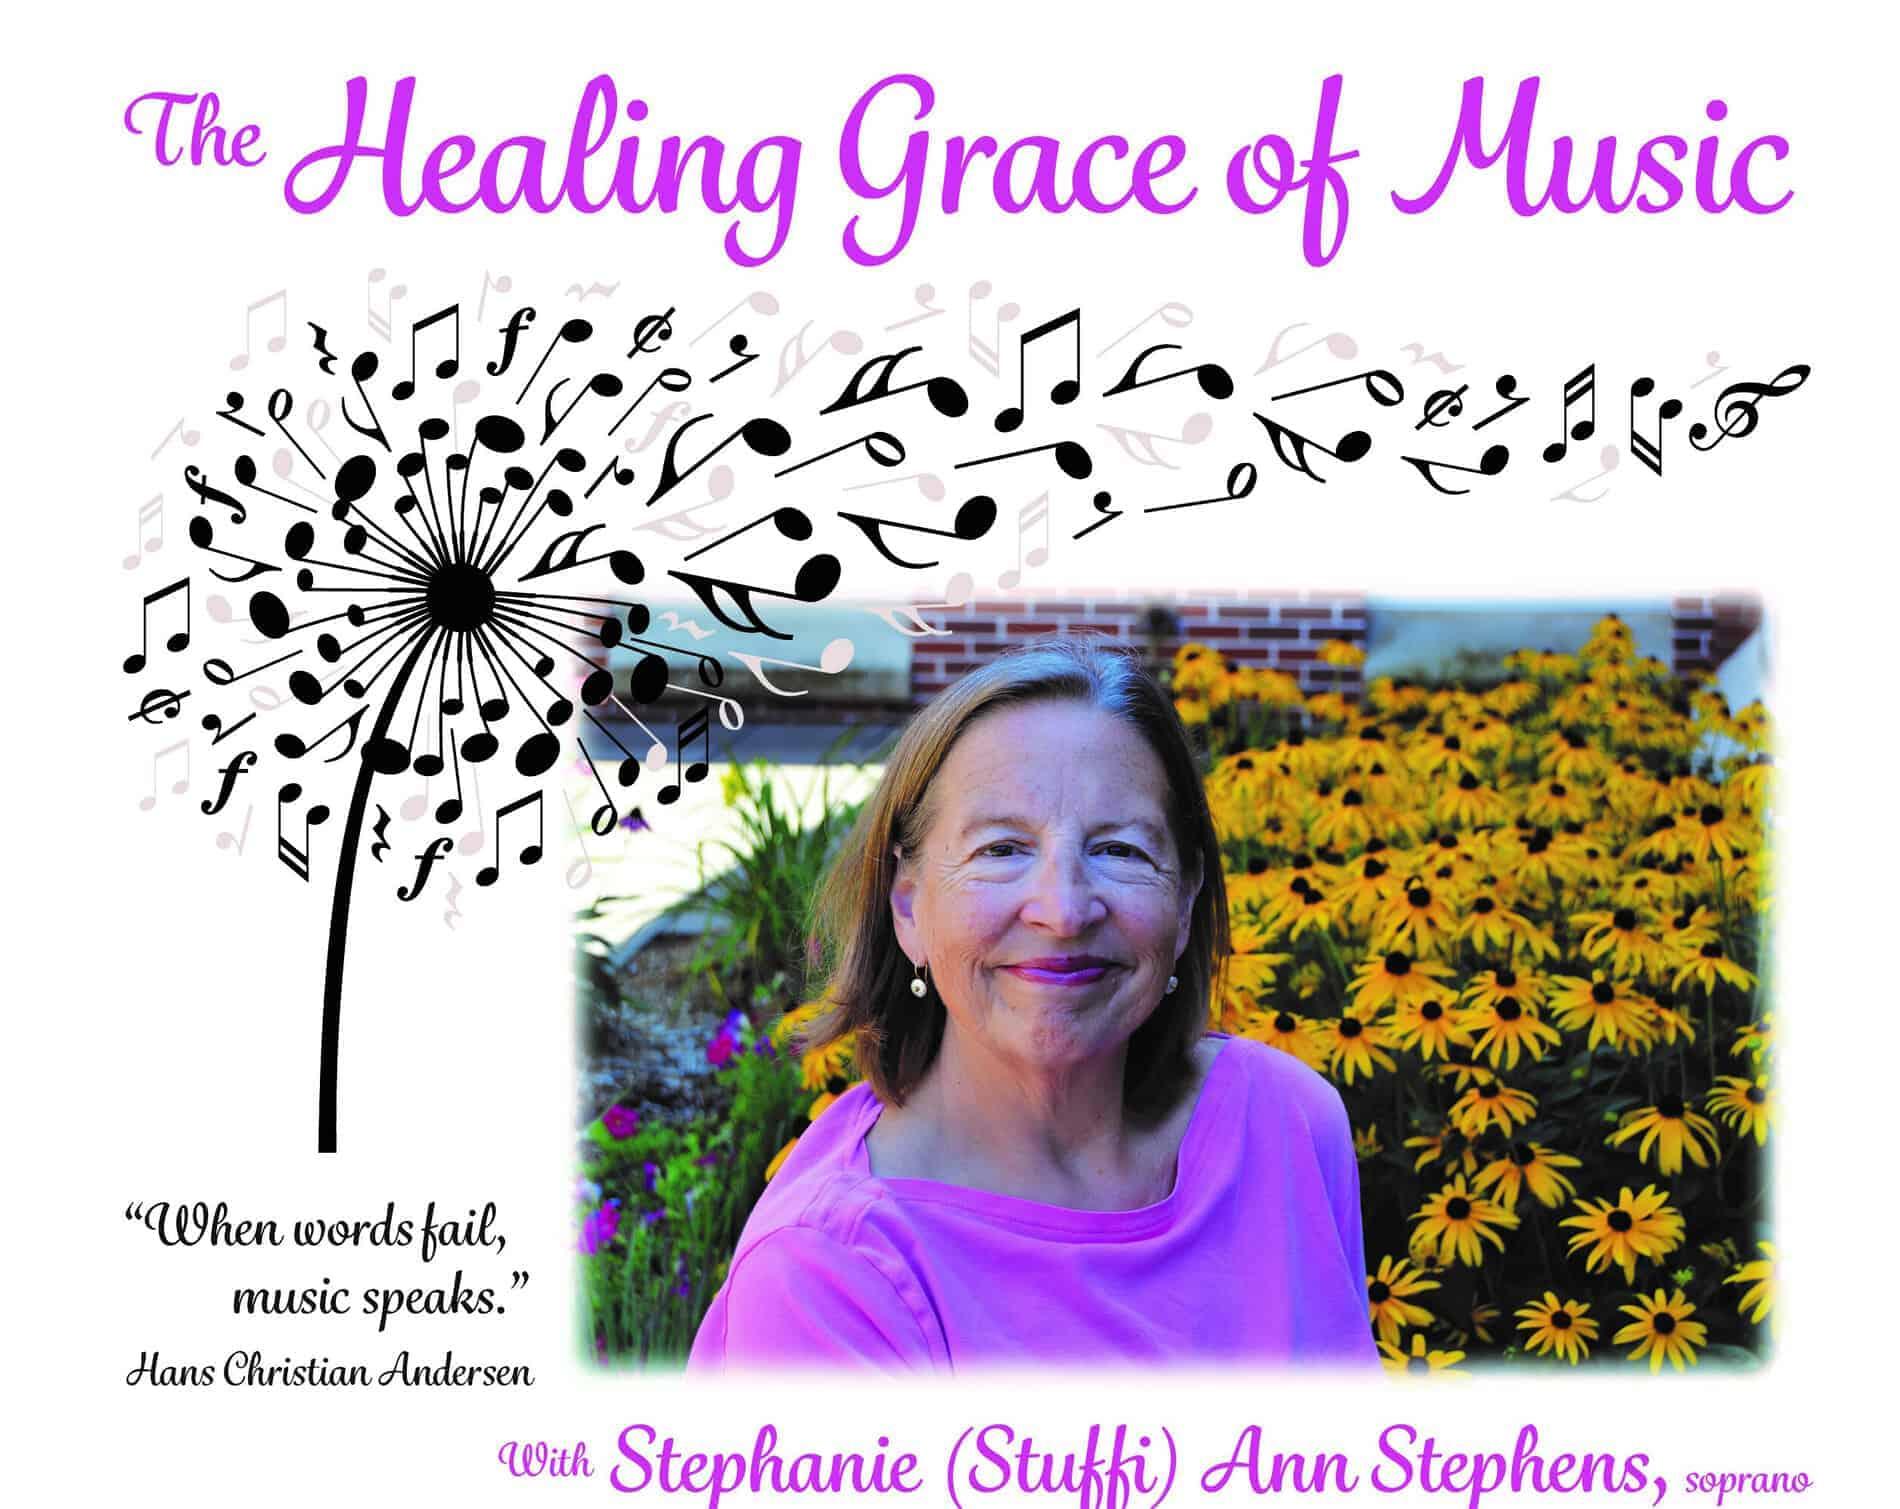 Stephanie Stephens